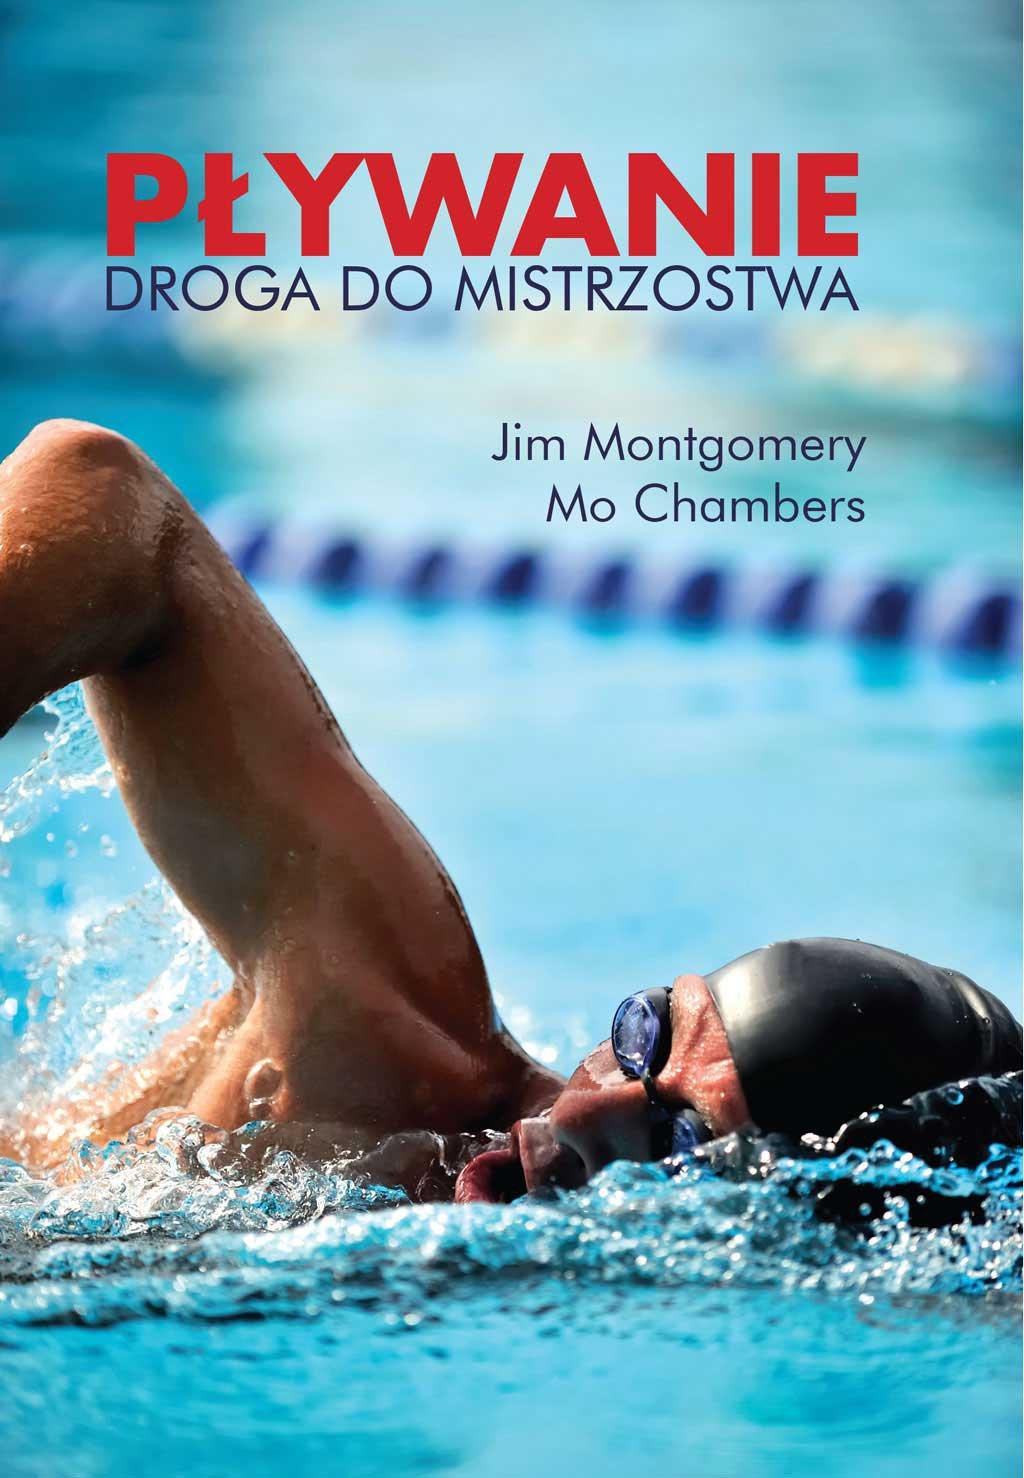 Pływanie. Droga do mistrzostwa - Ebook (Książka na Kindle) do pobrania w formacie MOBI